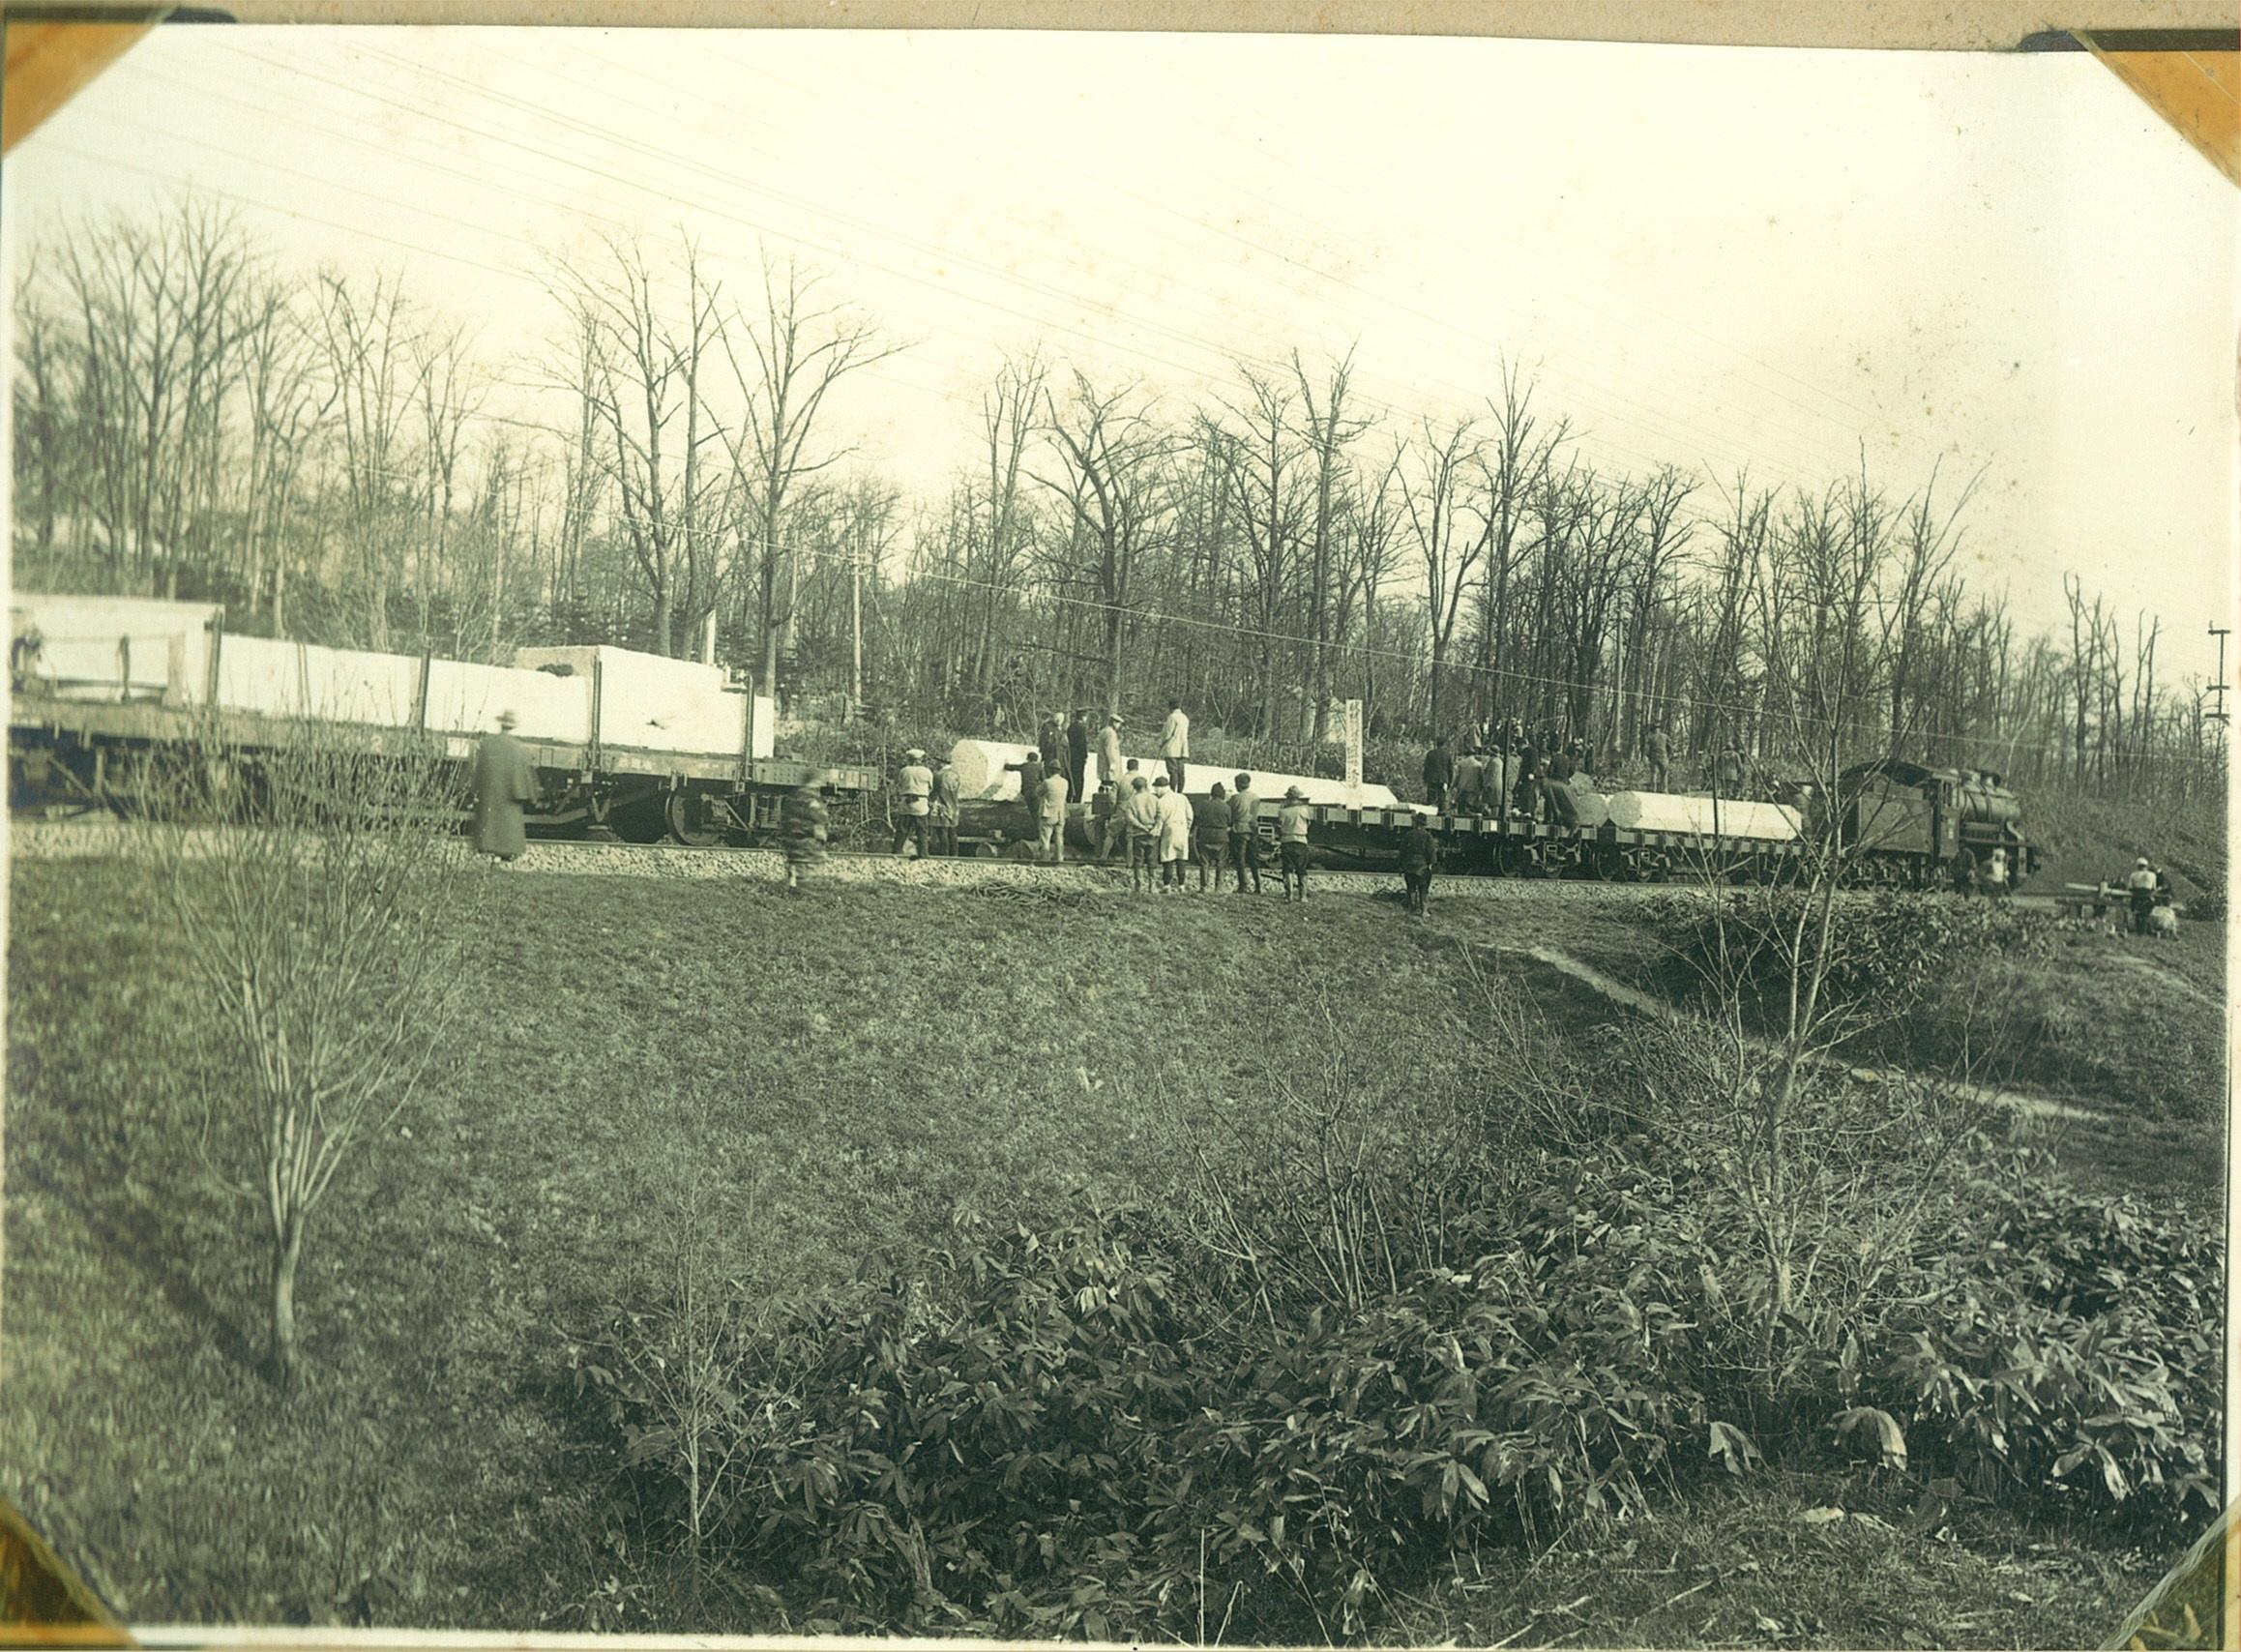 鳥居運搬機関車